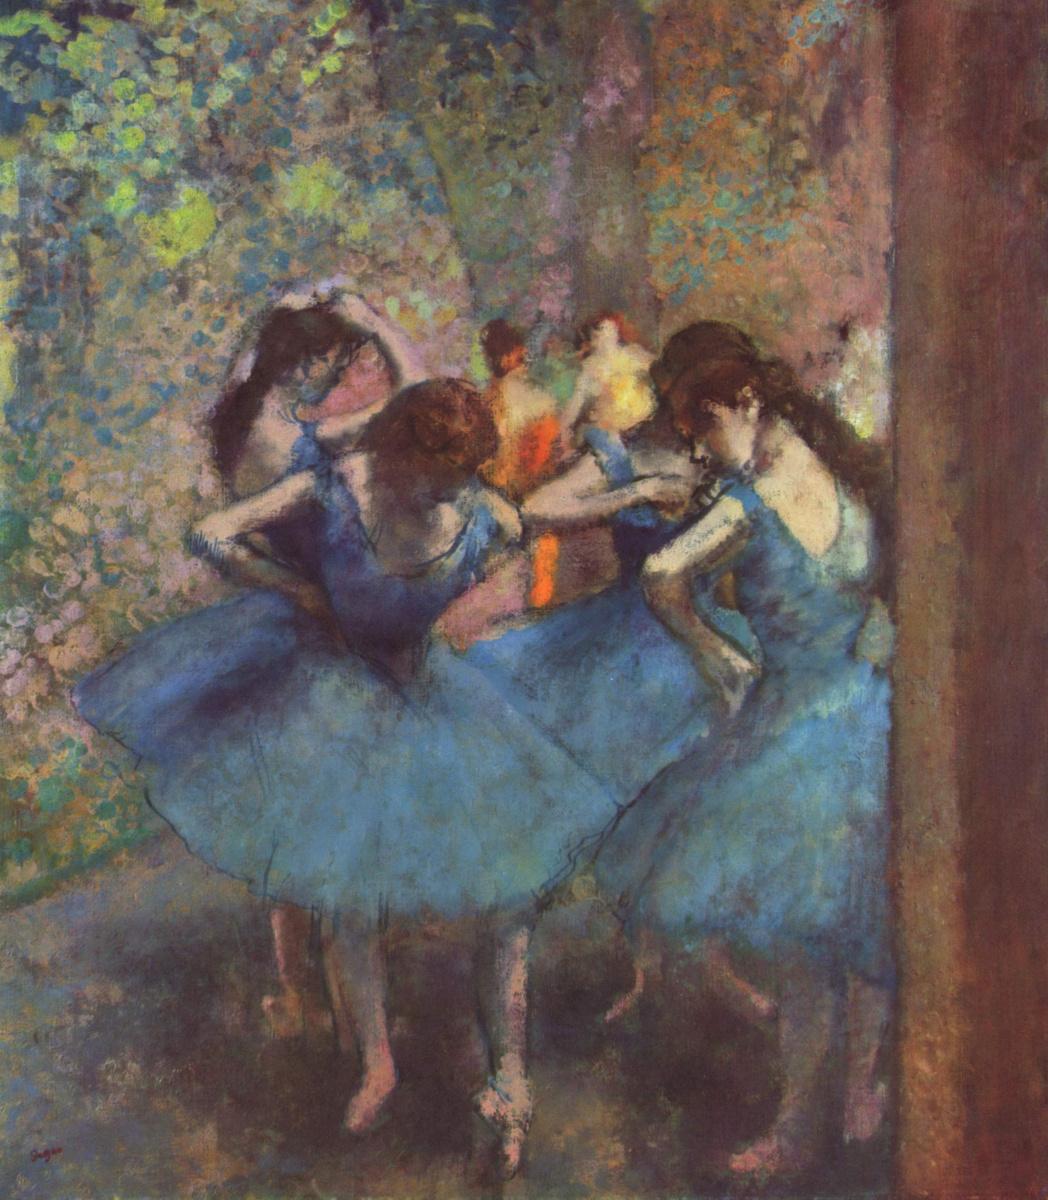 Edgar Degas. Dancers